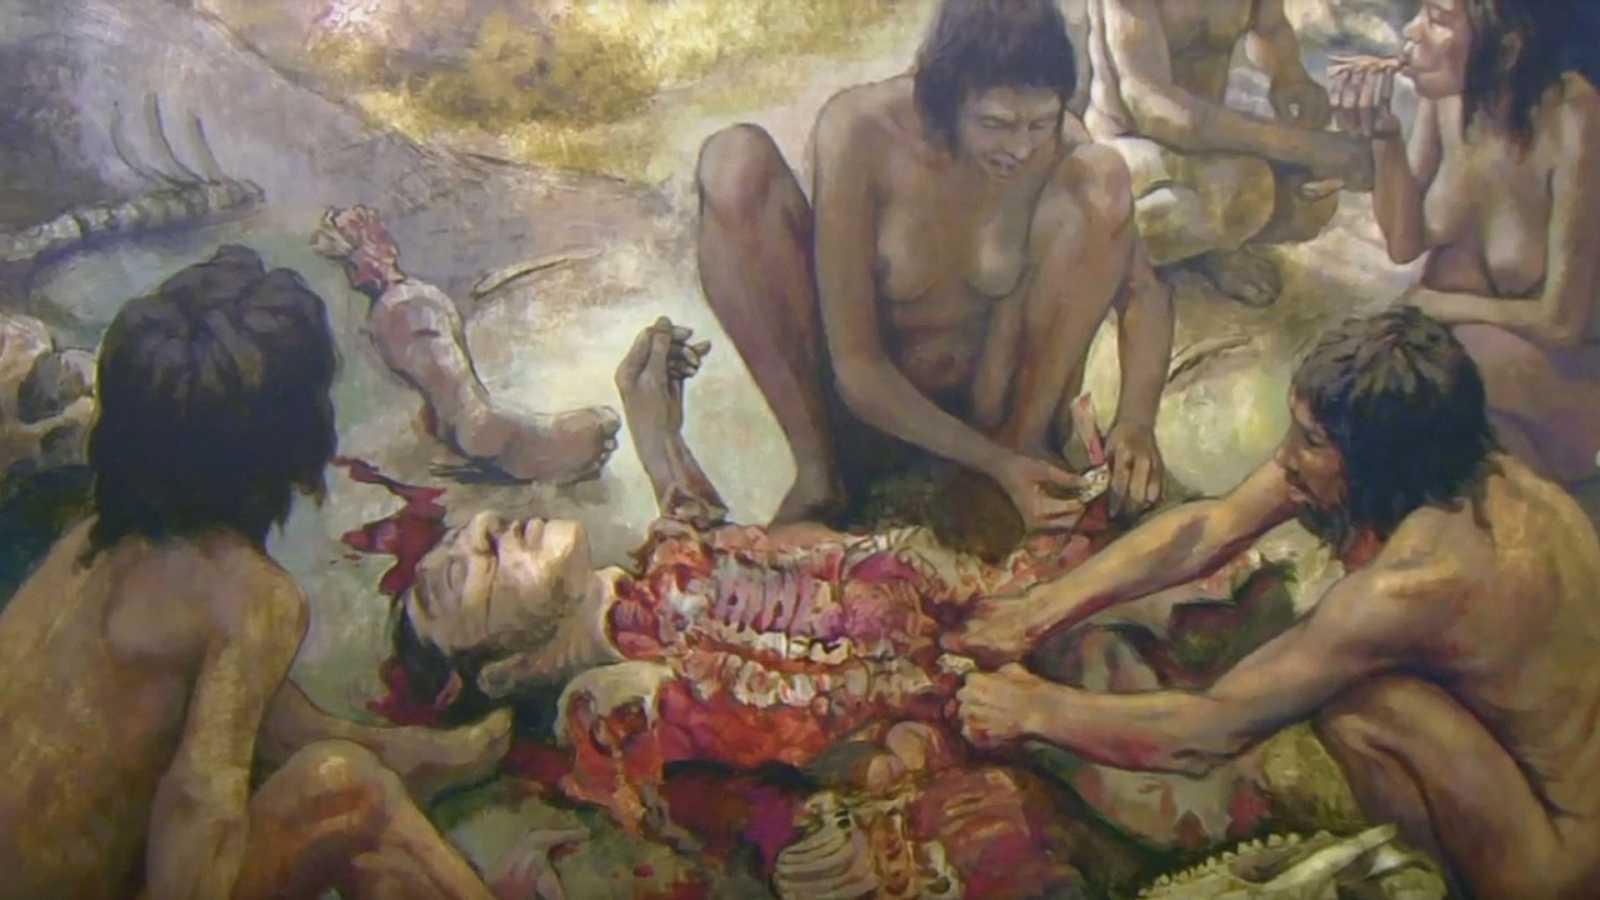 Arqueomanía - Arqueología del canibalismo - ver ahora